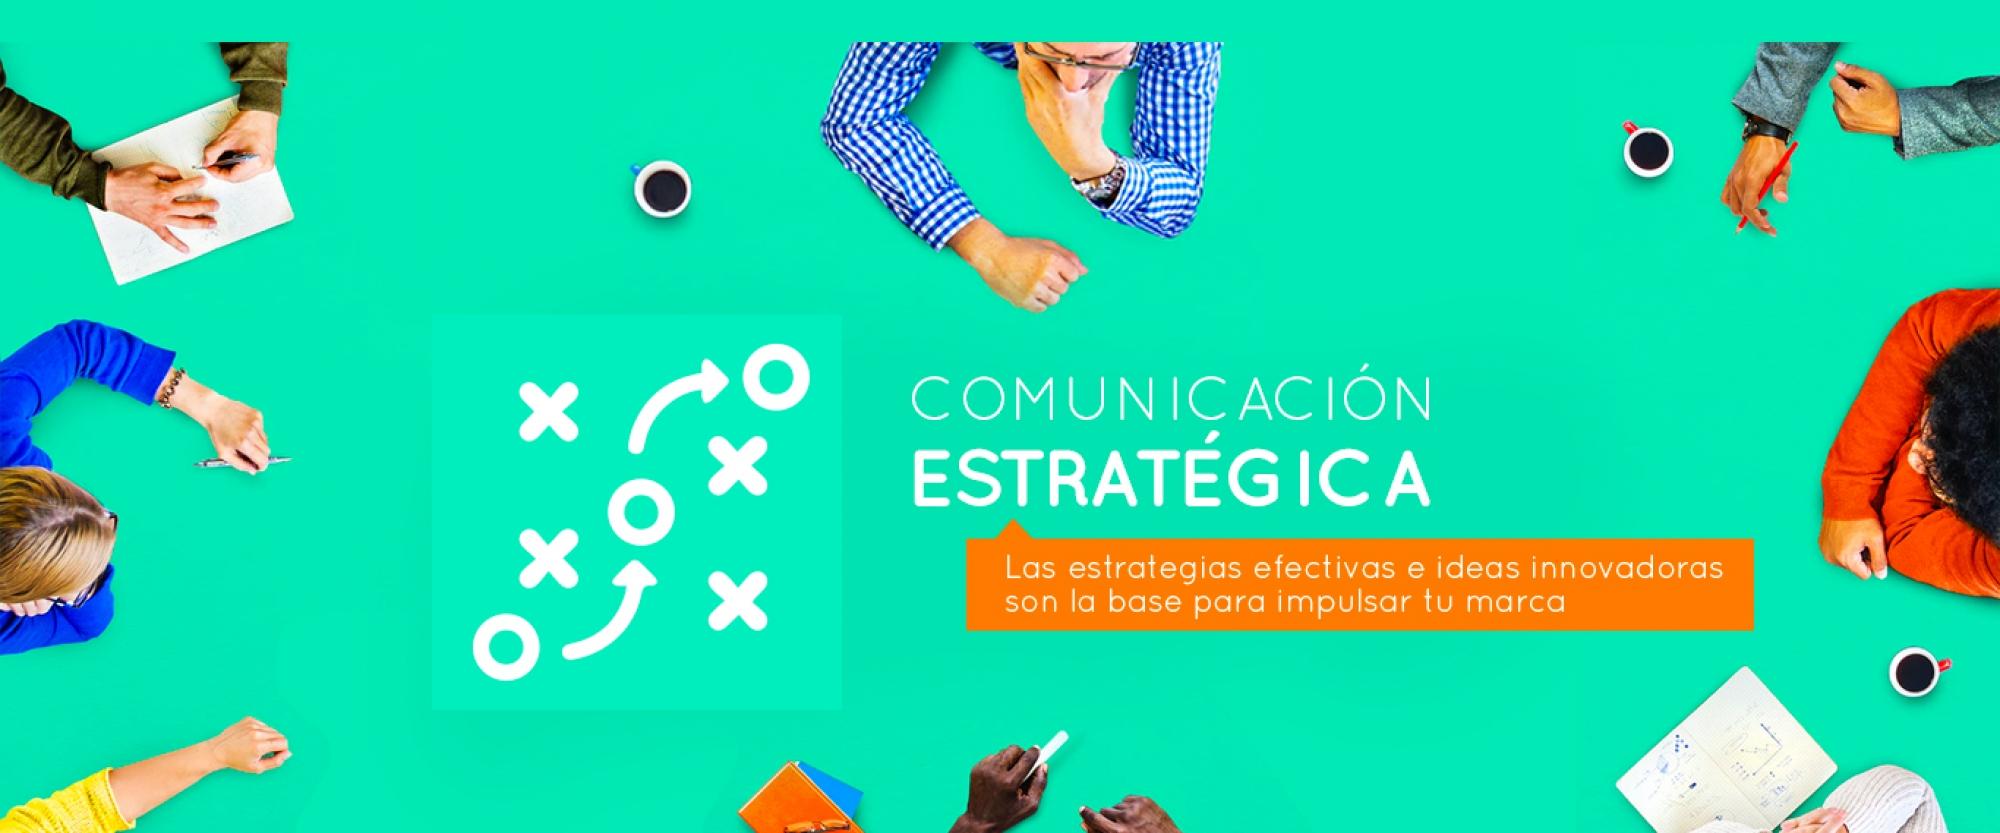 Comunicación Estratégica - Servicios Grupo creativo Macondo